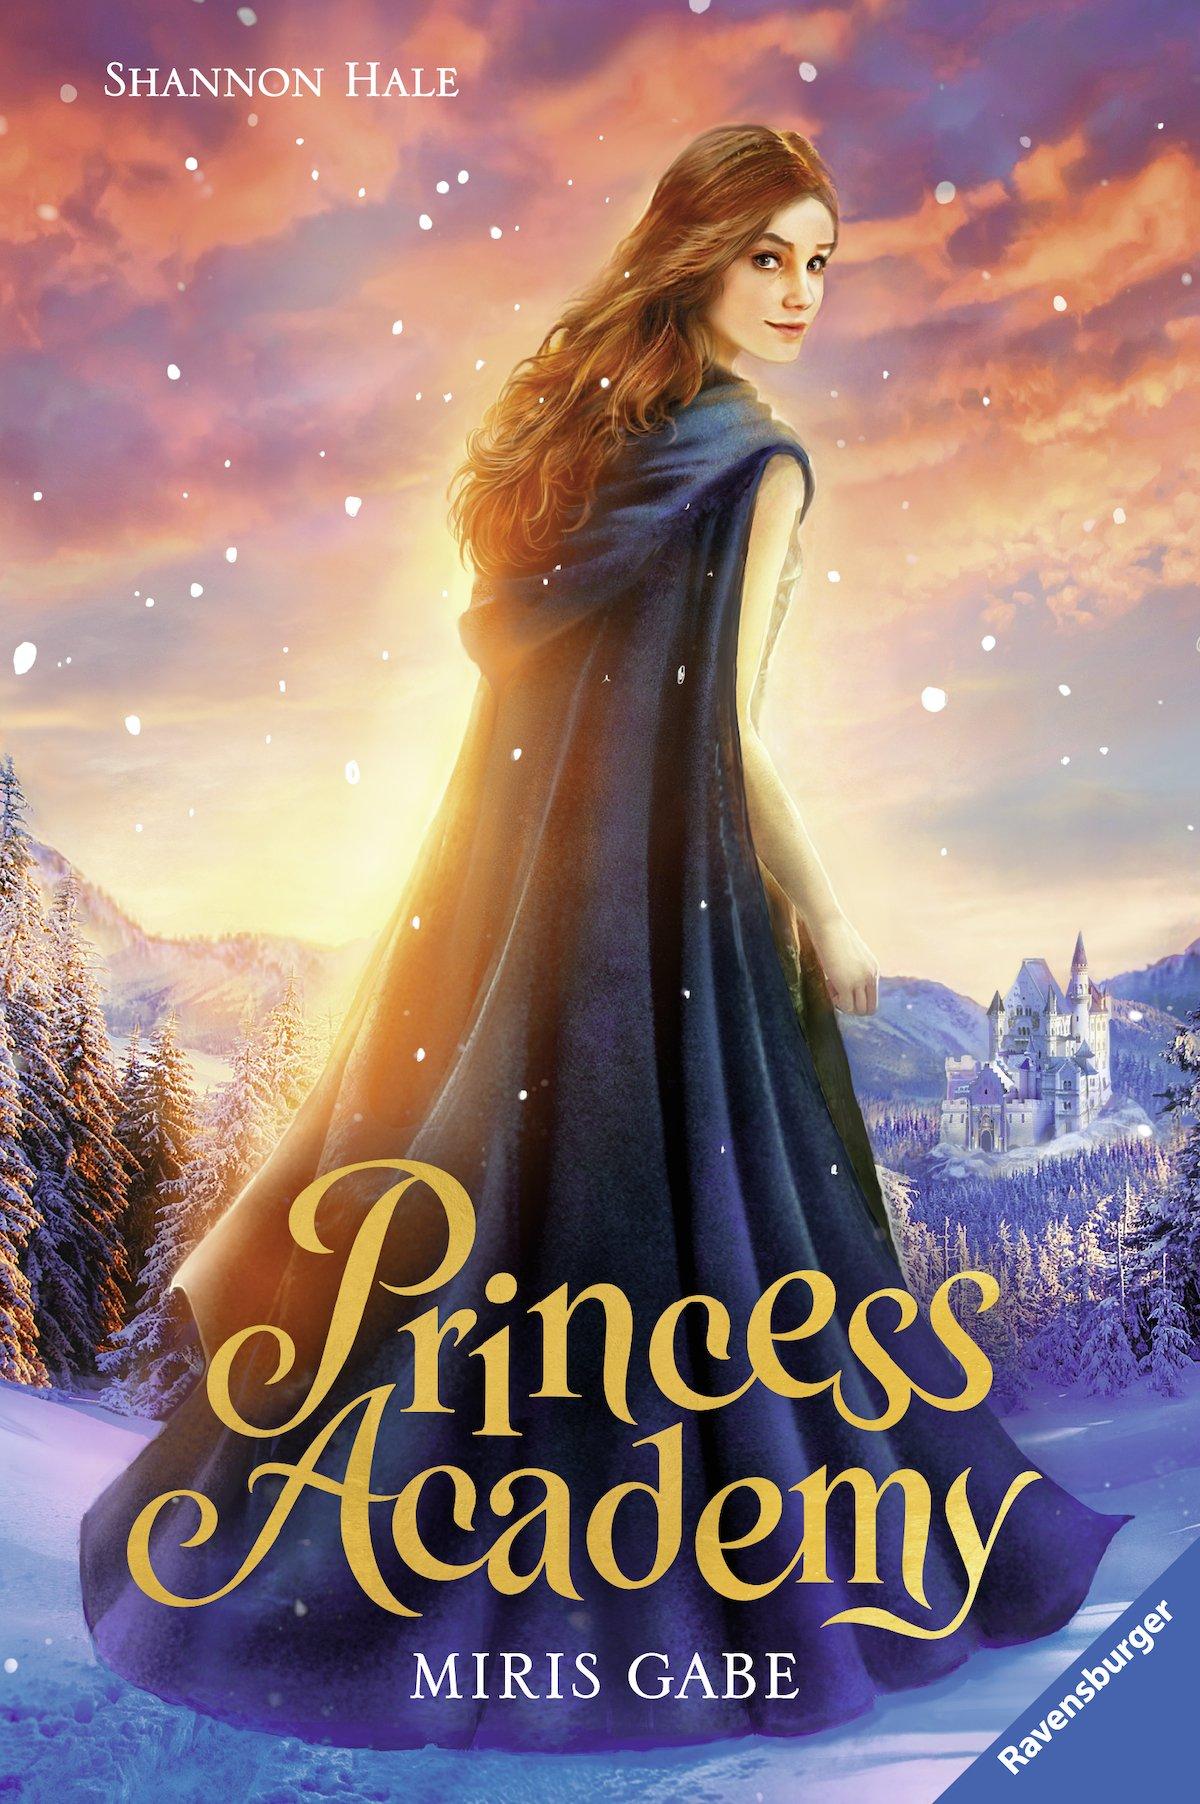 Bildergebnis für Princess Academy – Miris Gabe (Band 1) von Shannon Hale